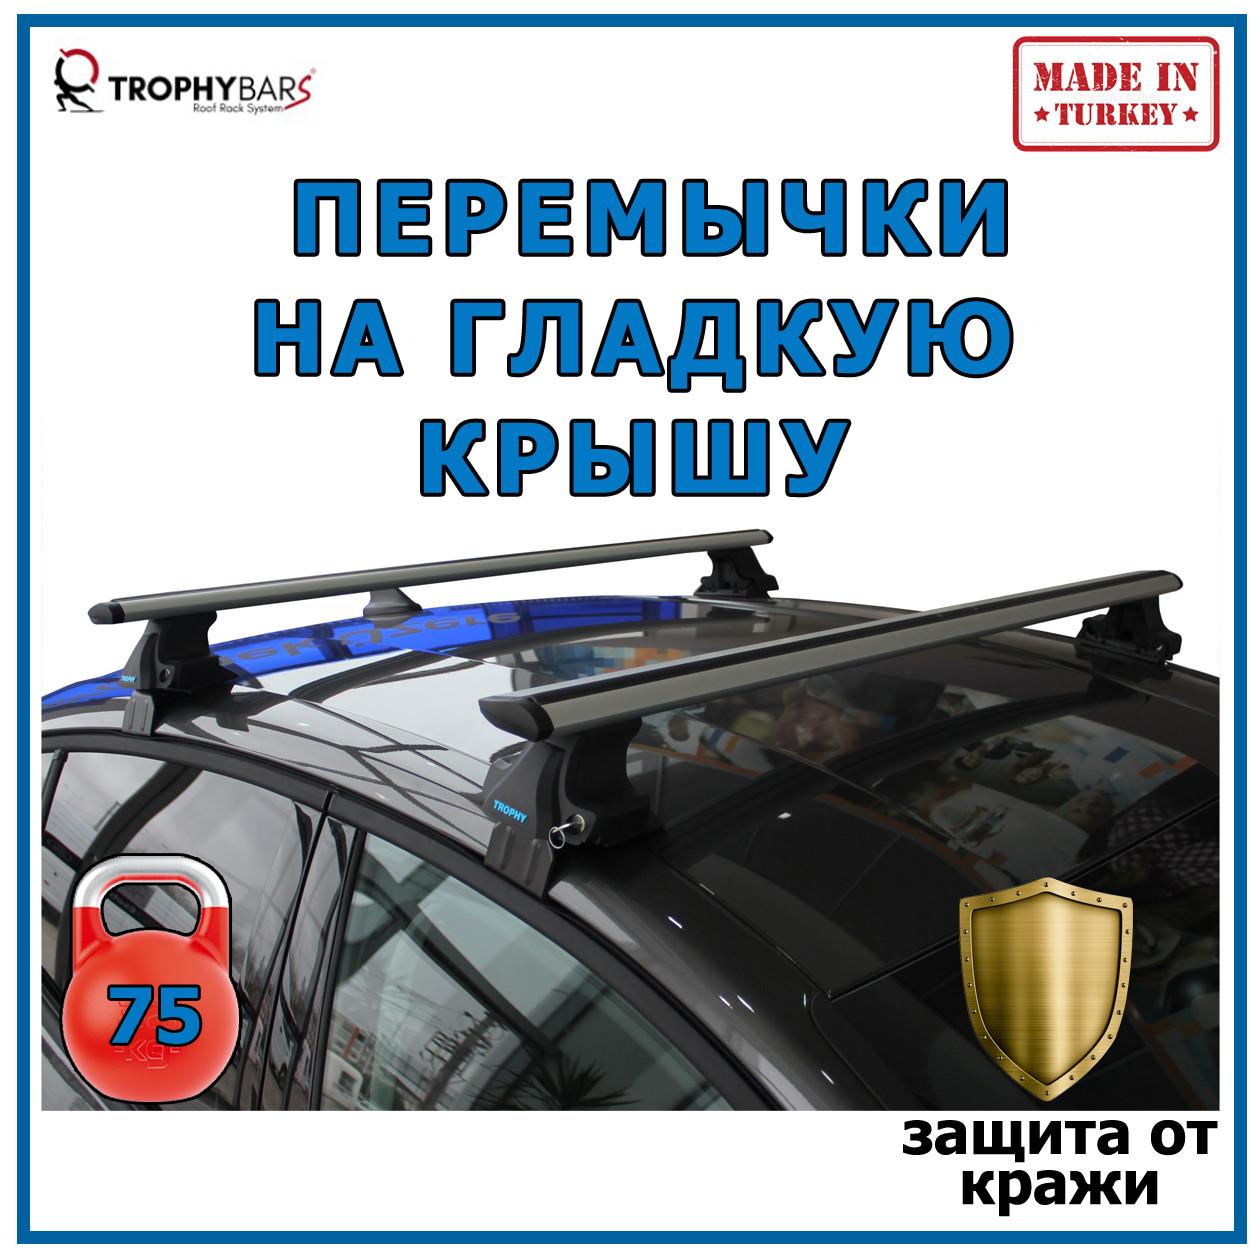 Багажник Hyundai Accent 2000-2006 на гладку дах